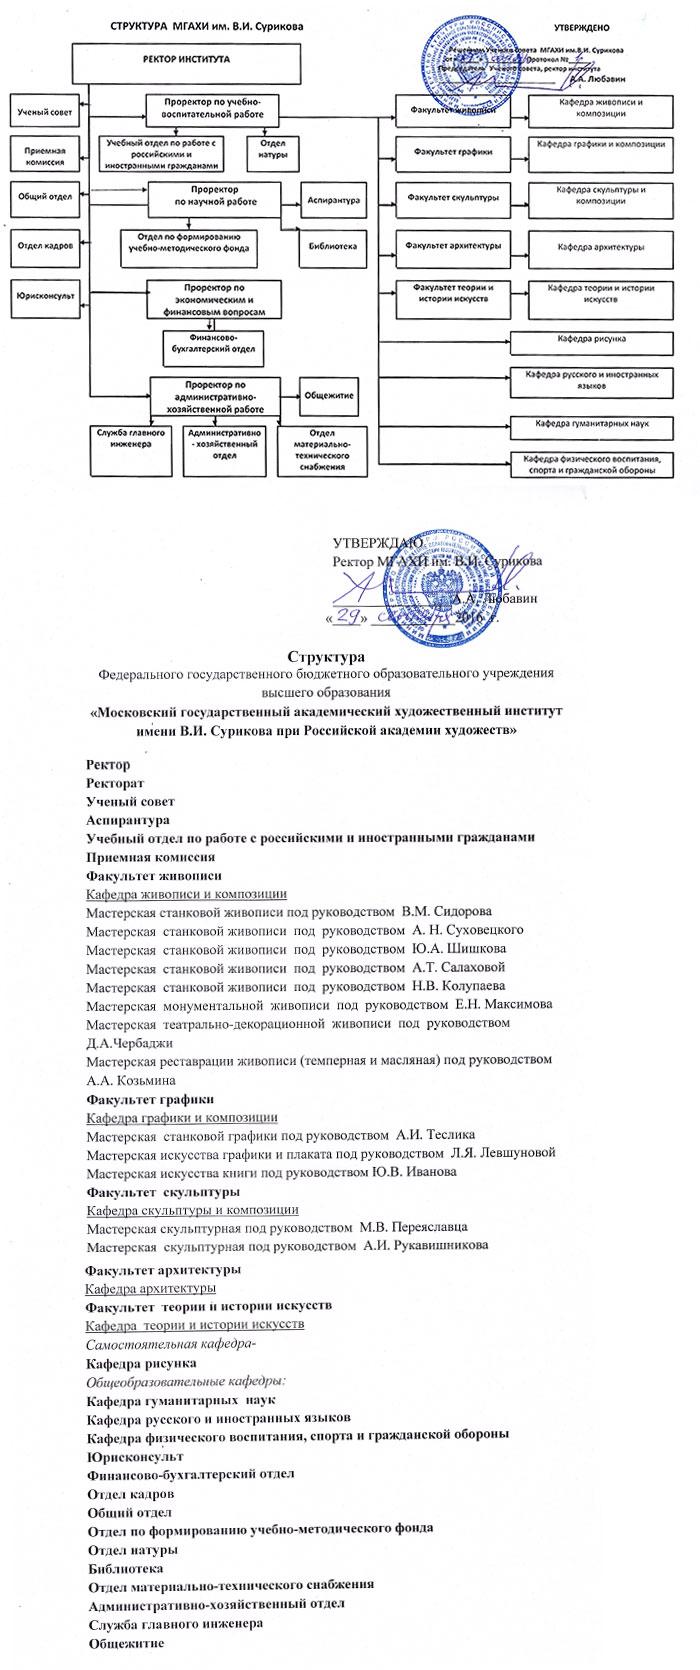 органы управления образовательной организации схема